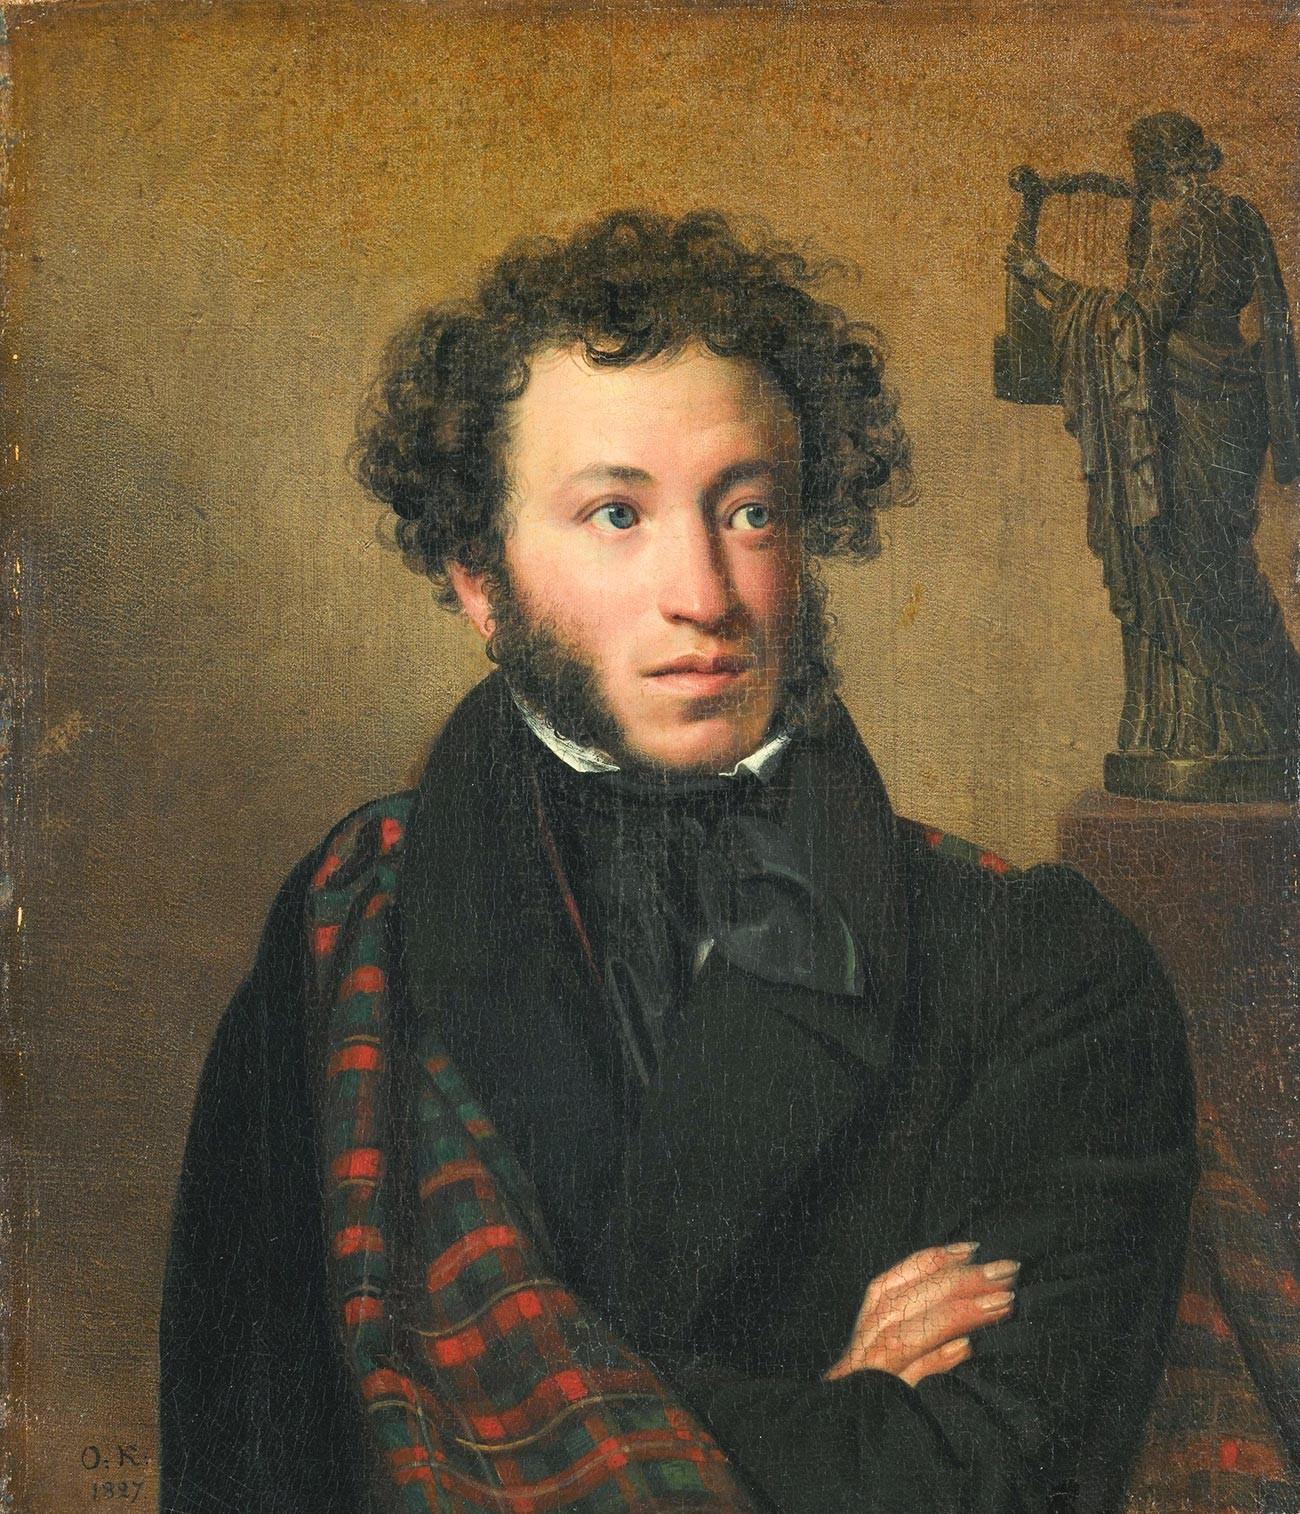 Porträt von Alexander Puschkin von Orest Kiprenski.